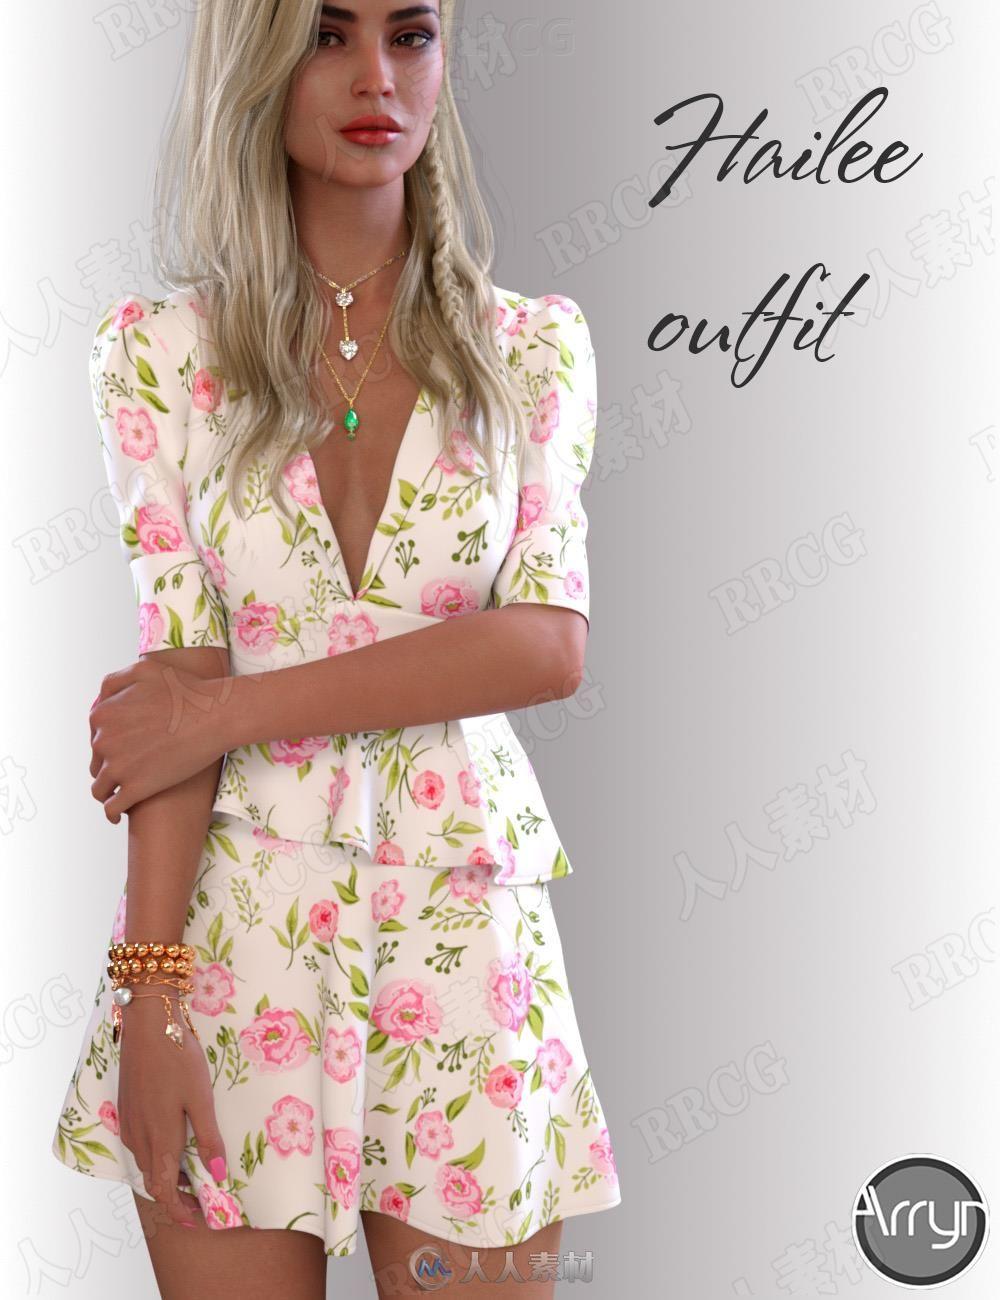 正式商务女性清新碎花鱼摆两件套连衣裙服饰套装